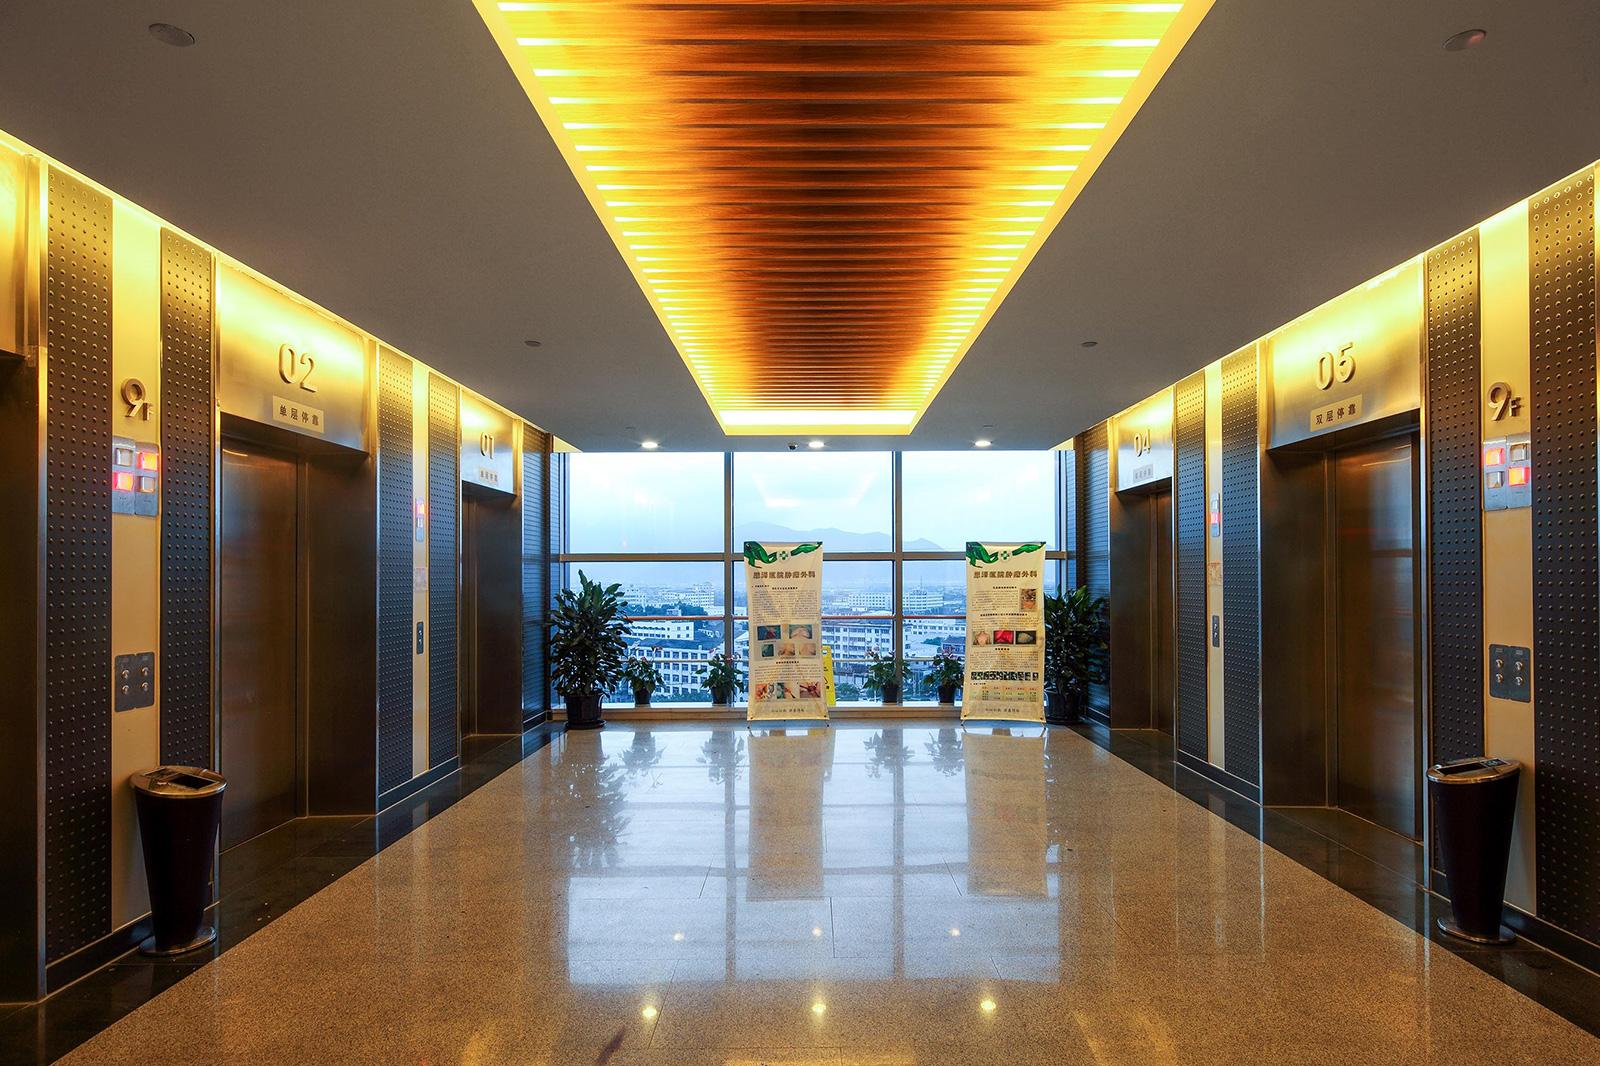 恩沢医療センター